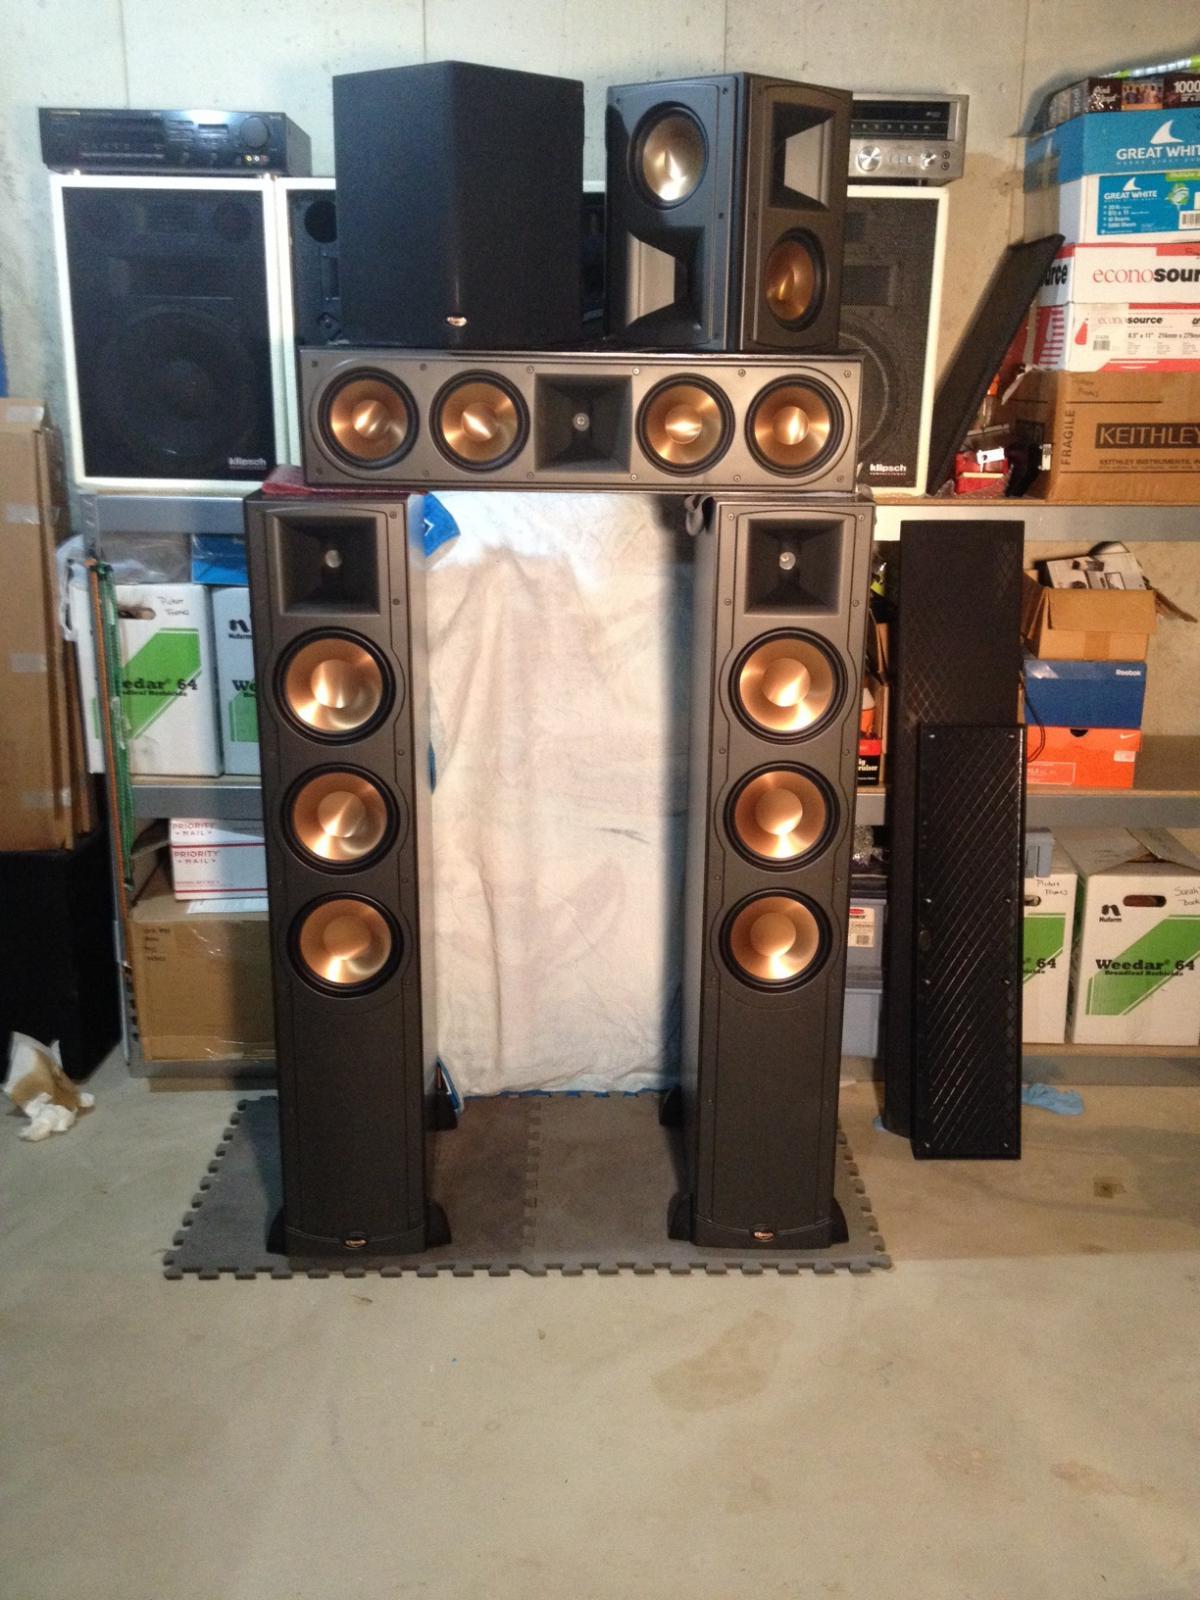 klipsch rf 83 rc 64 rs 62 rt 12d 3000 plainfield il garage sale the klipsch audio. Black Bedroom Furniture Sets. Home Design Ideas